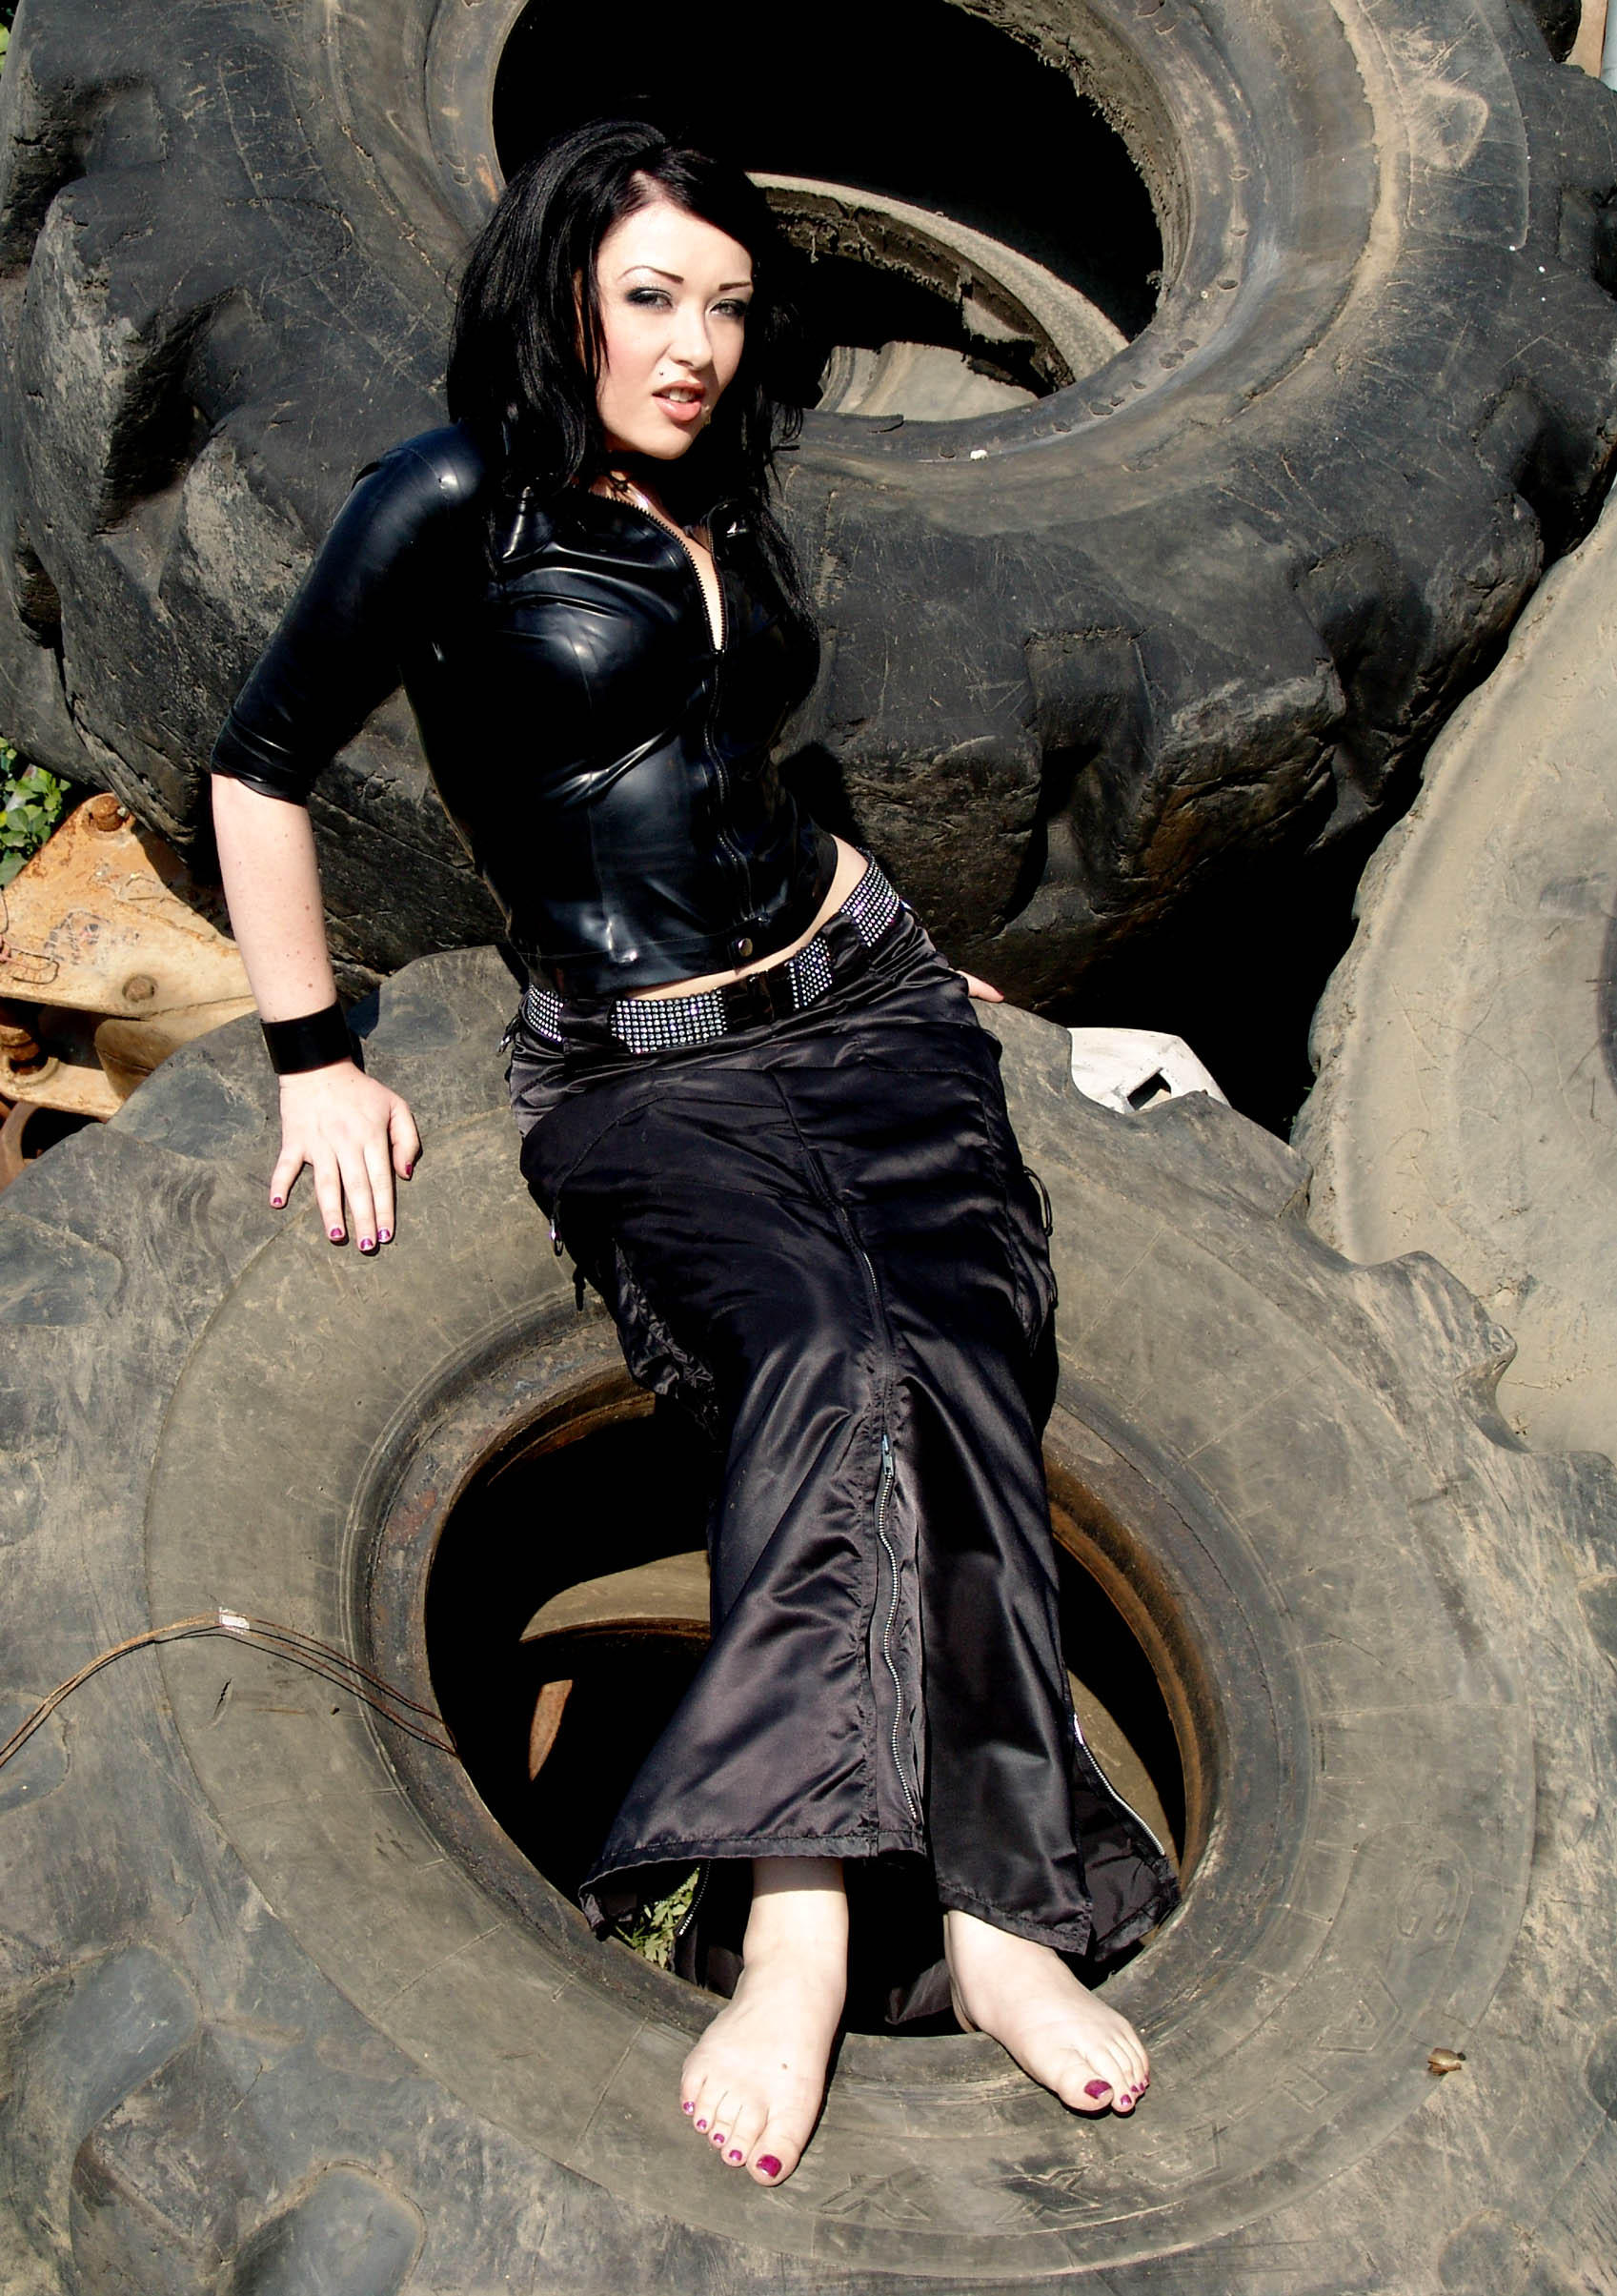 tires by Kittenstock